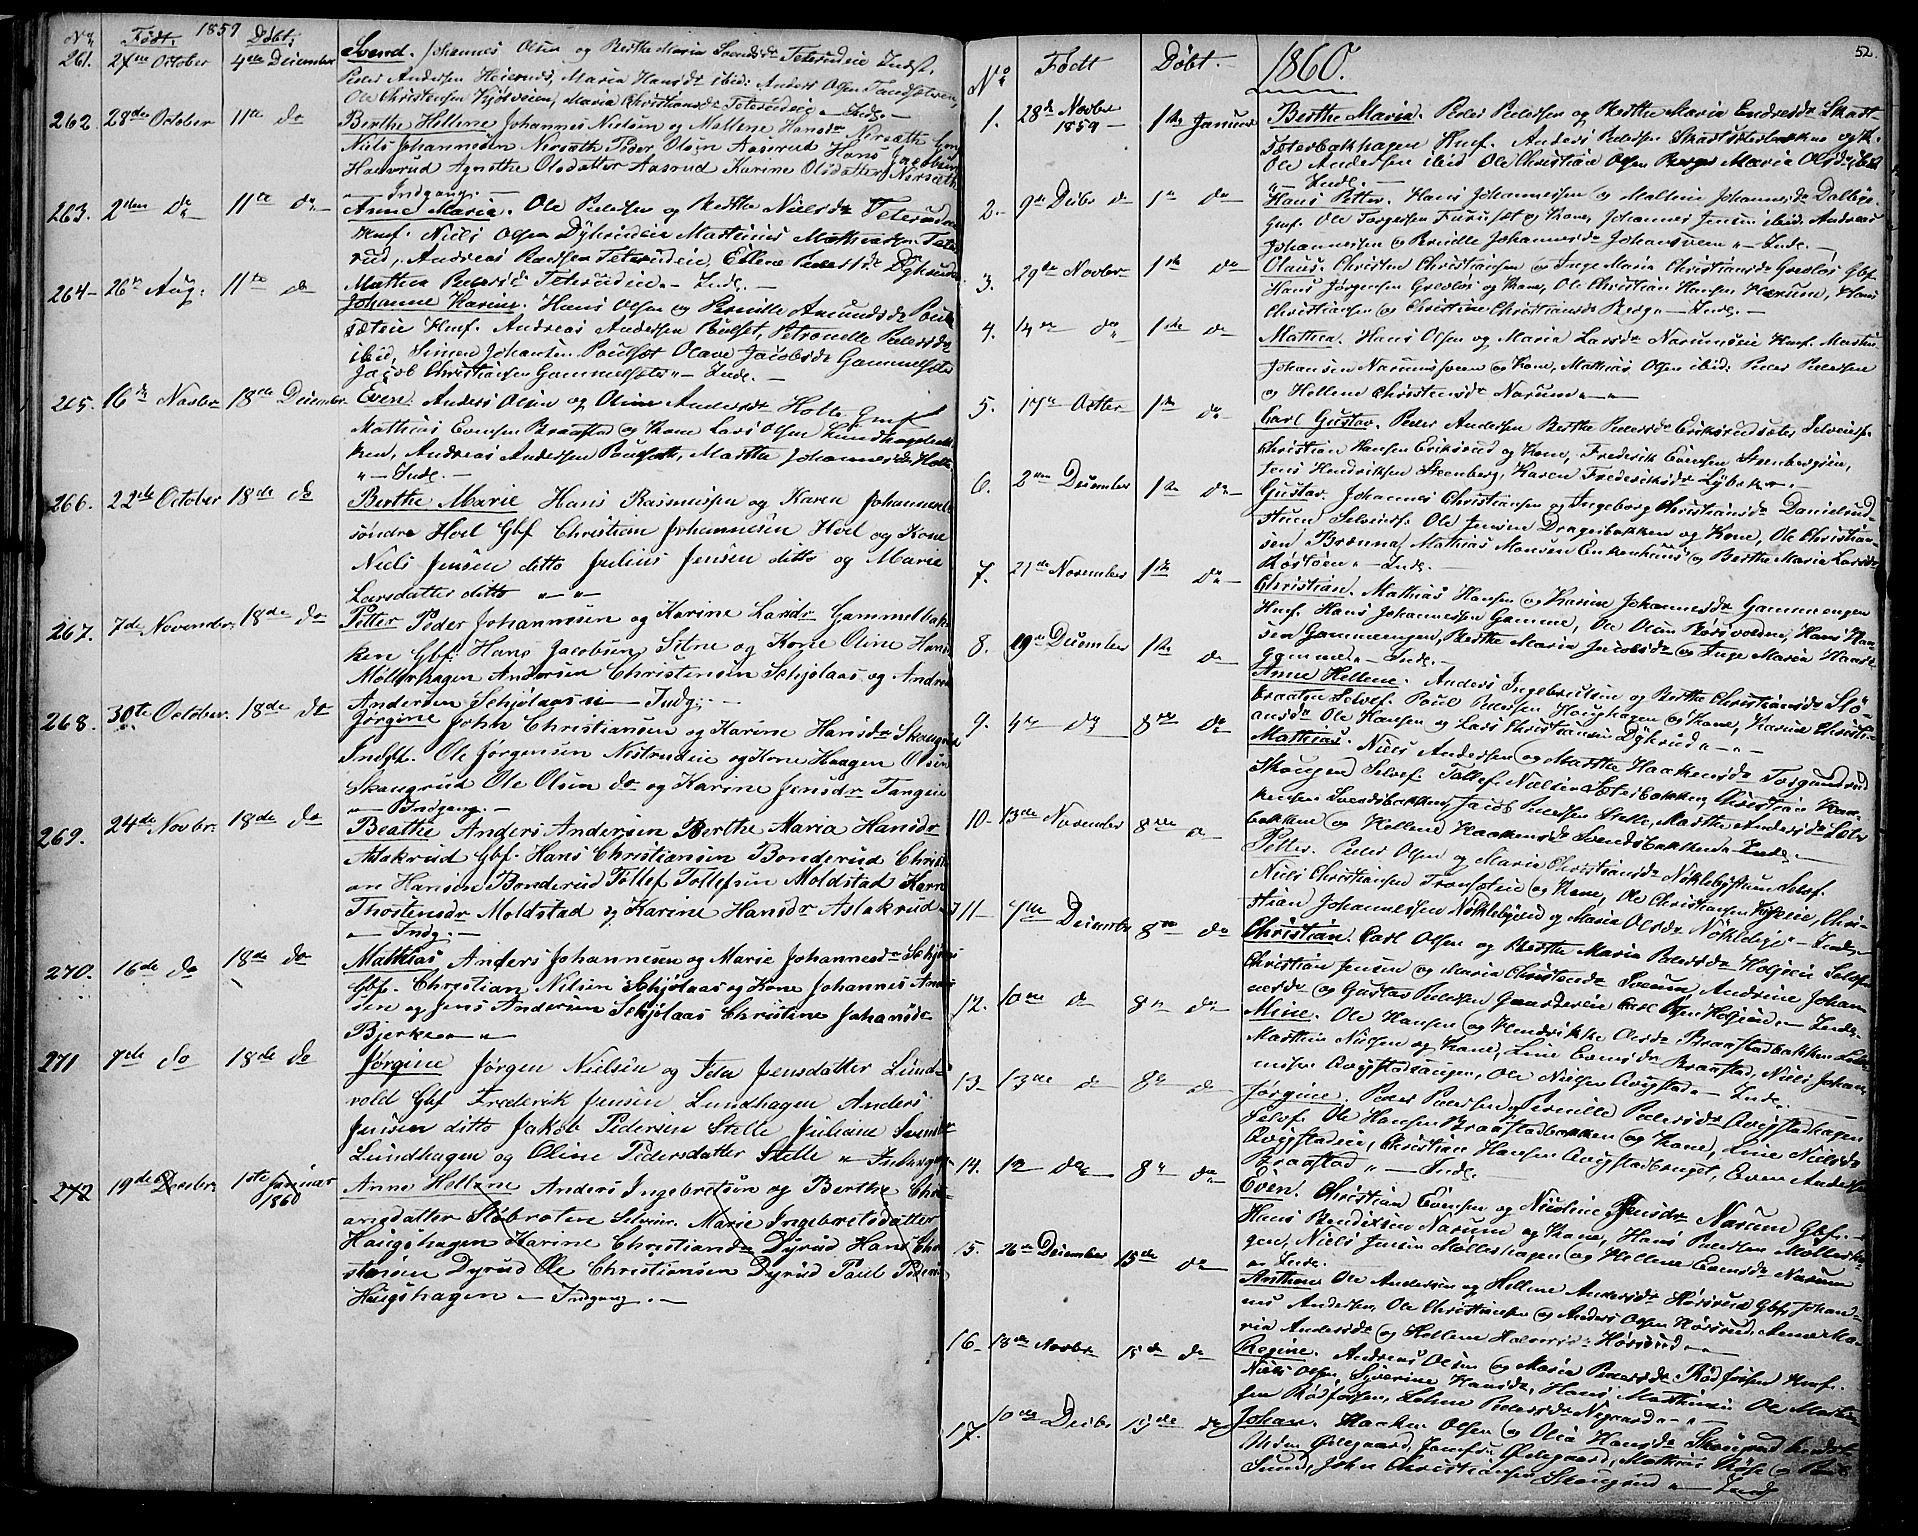 SAH, Vestre Toten prestekontor, H/Ha/Hab/L0005: Klokkerbok nr. 5, 1854-1870, s. 52